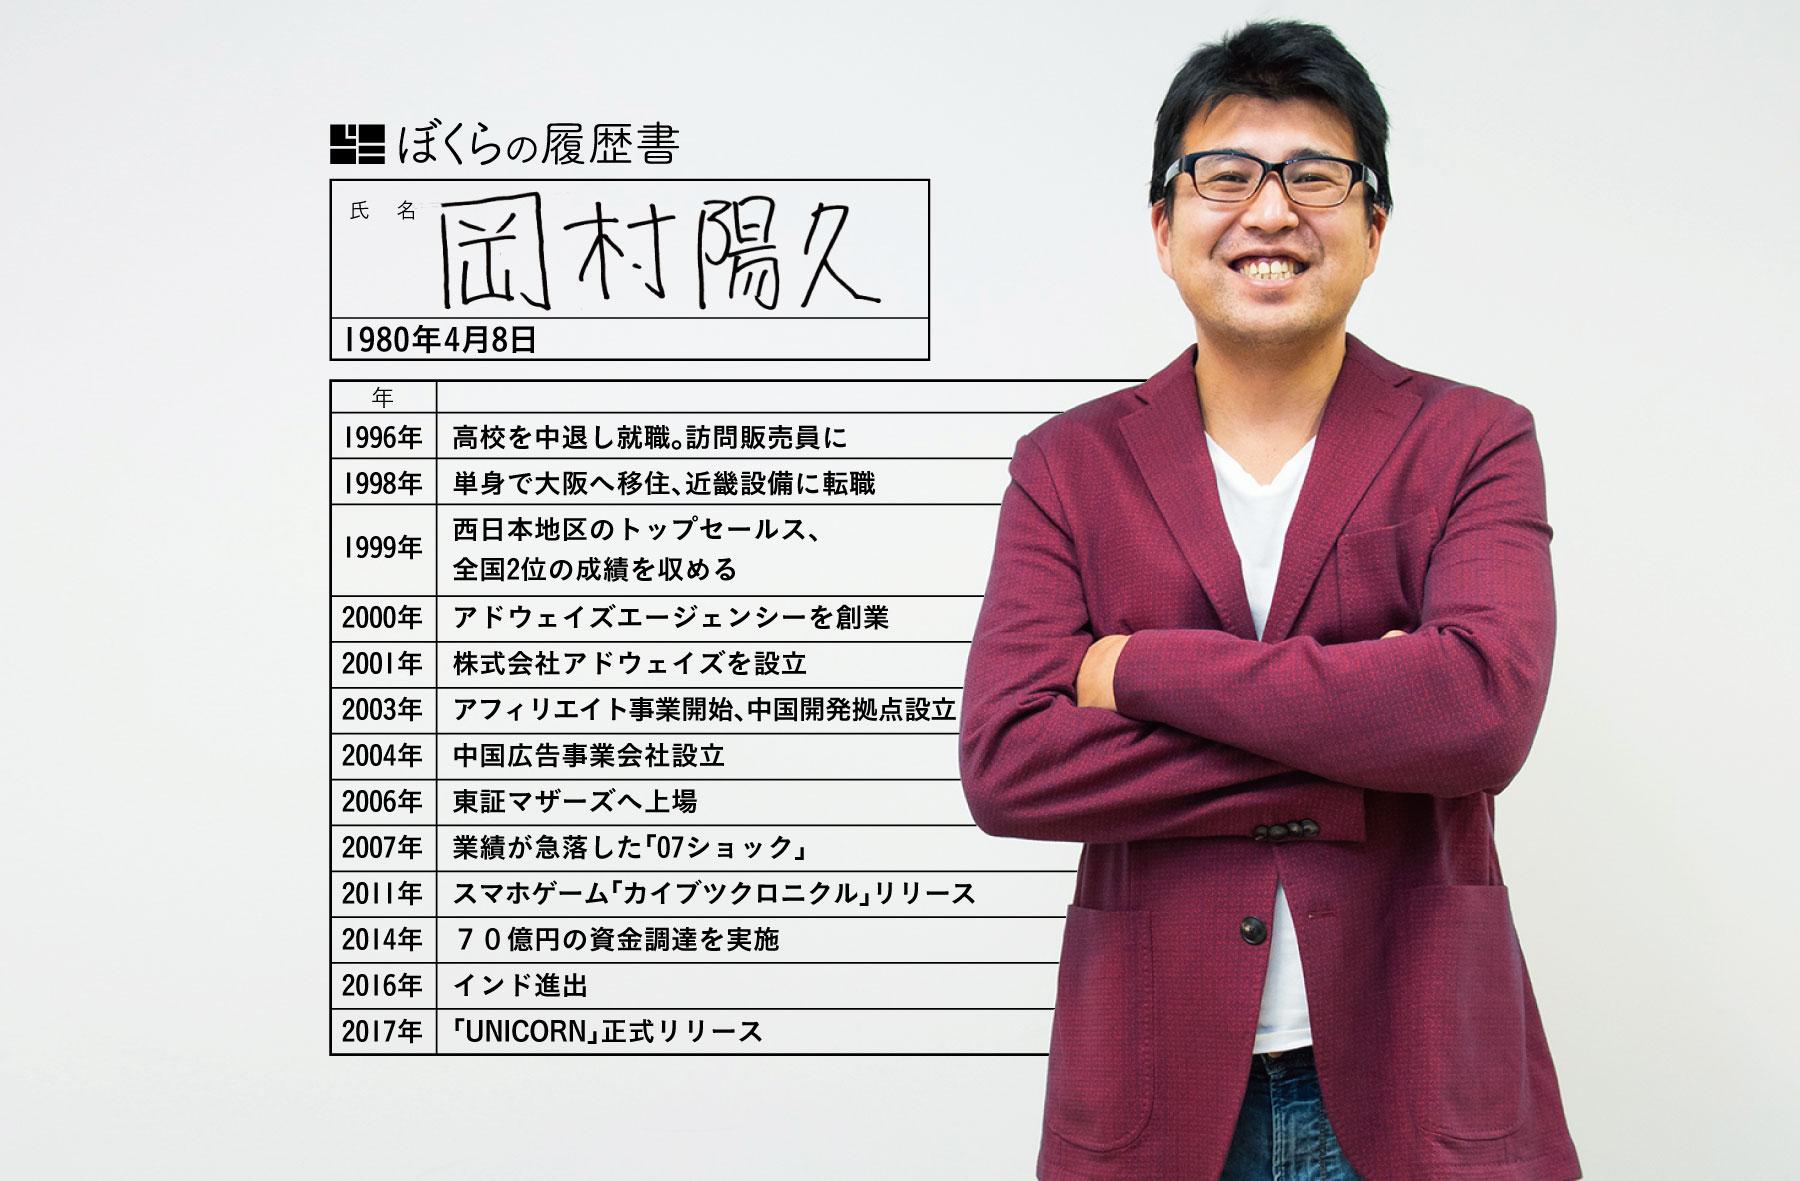 アドウェイズ岡村陽久さんの履歴書